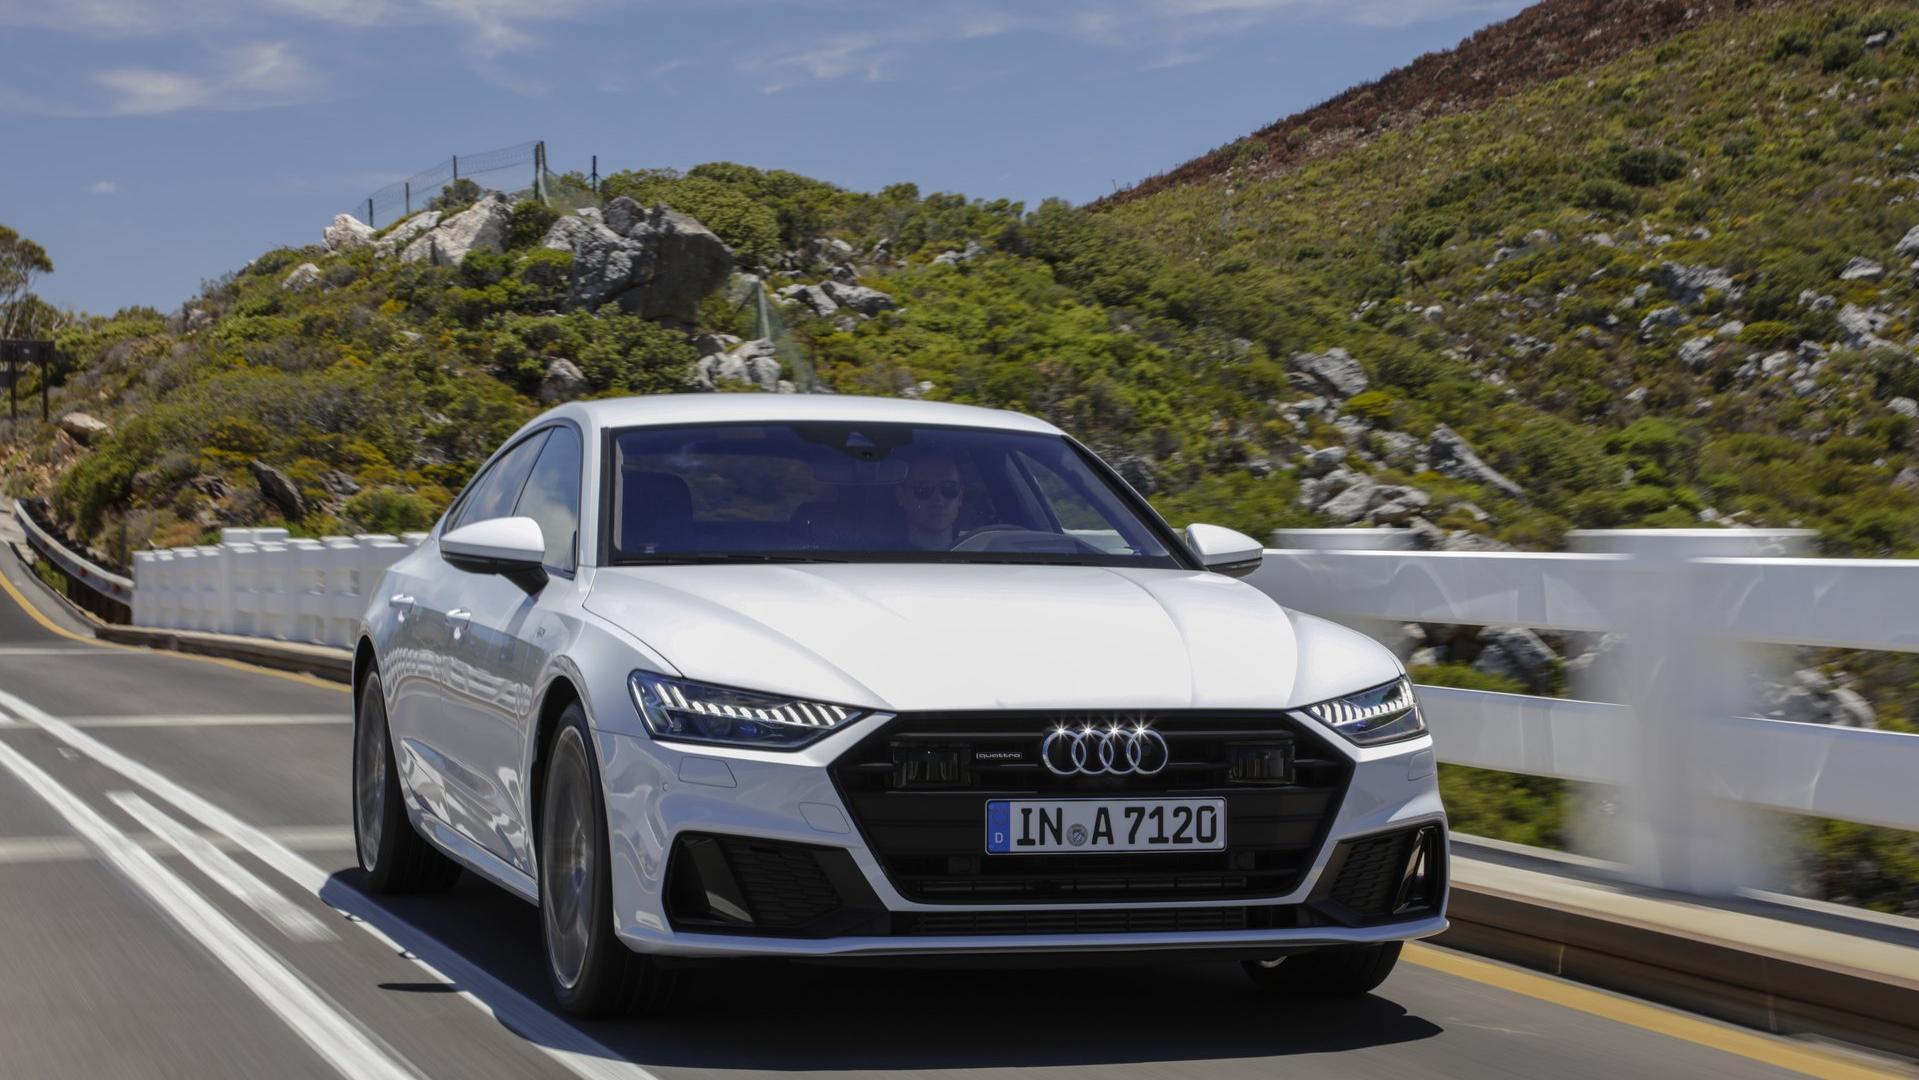 Audi A7 Sportback 2018 Galerie Prasowe Galeria Autocentrum Pl